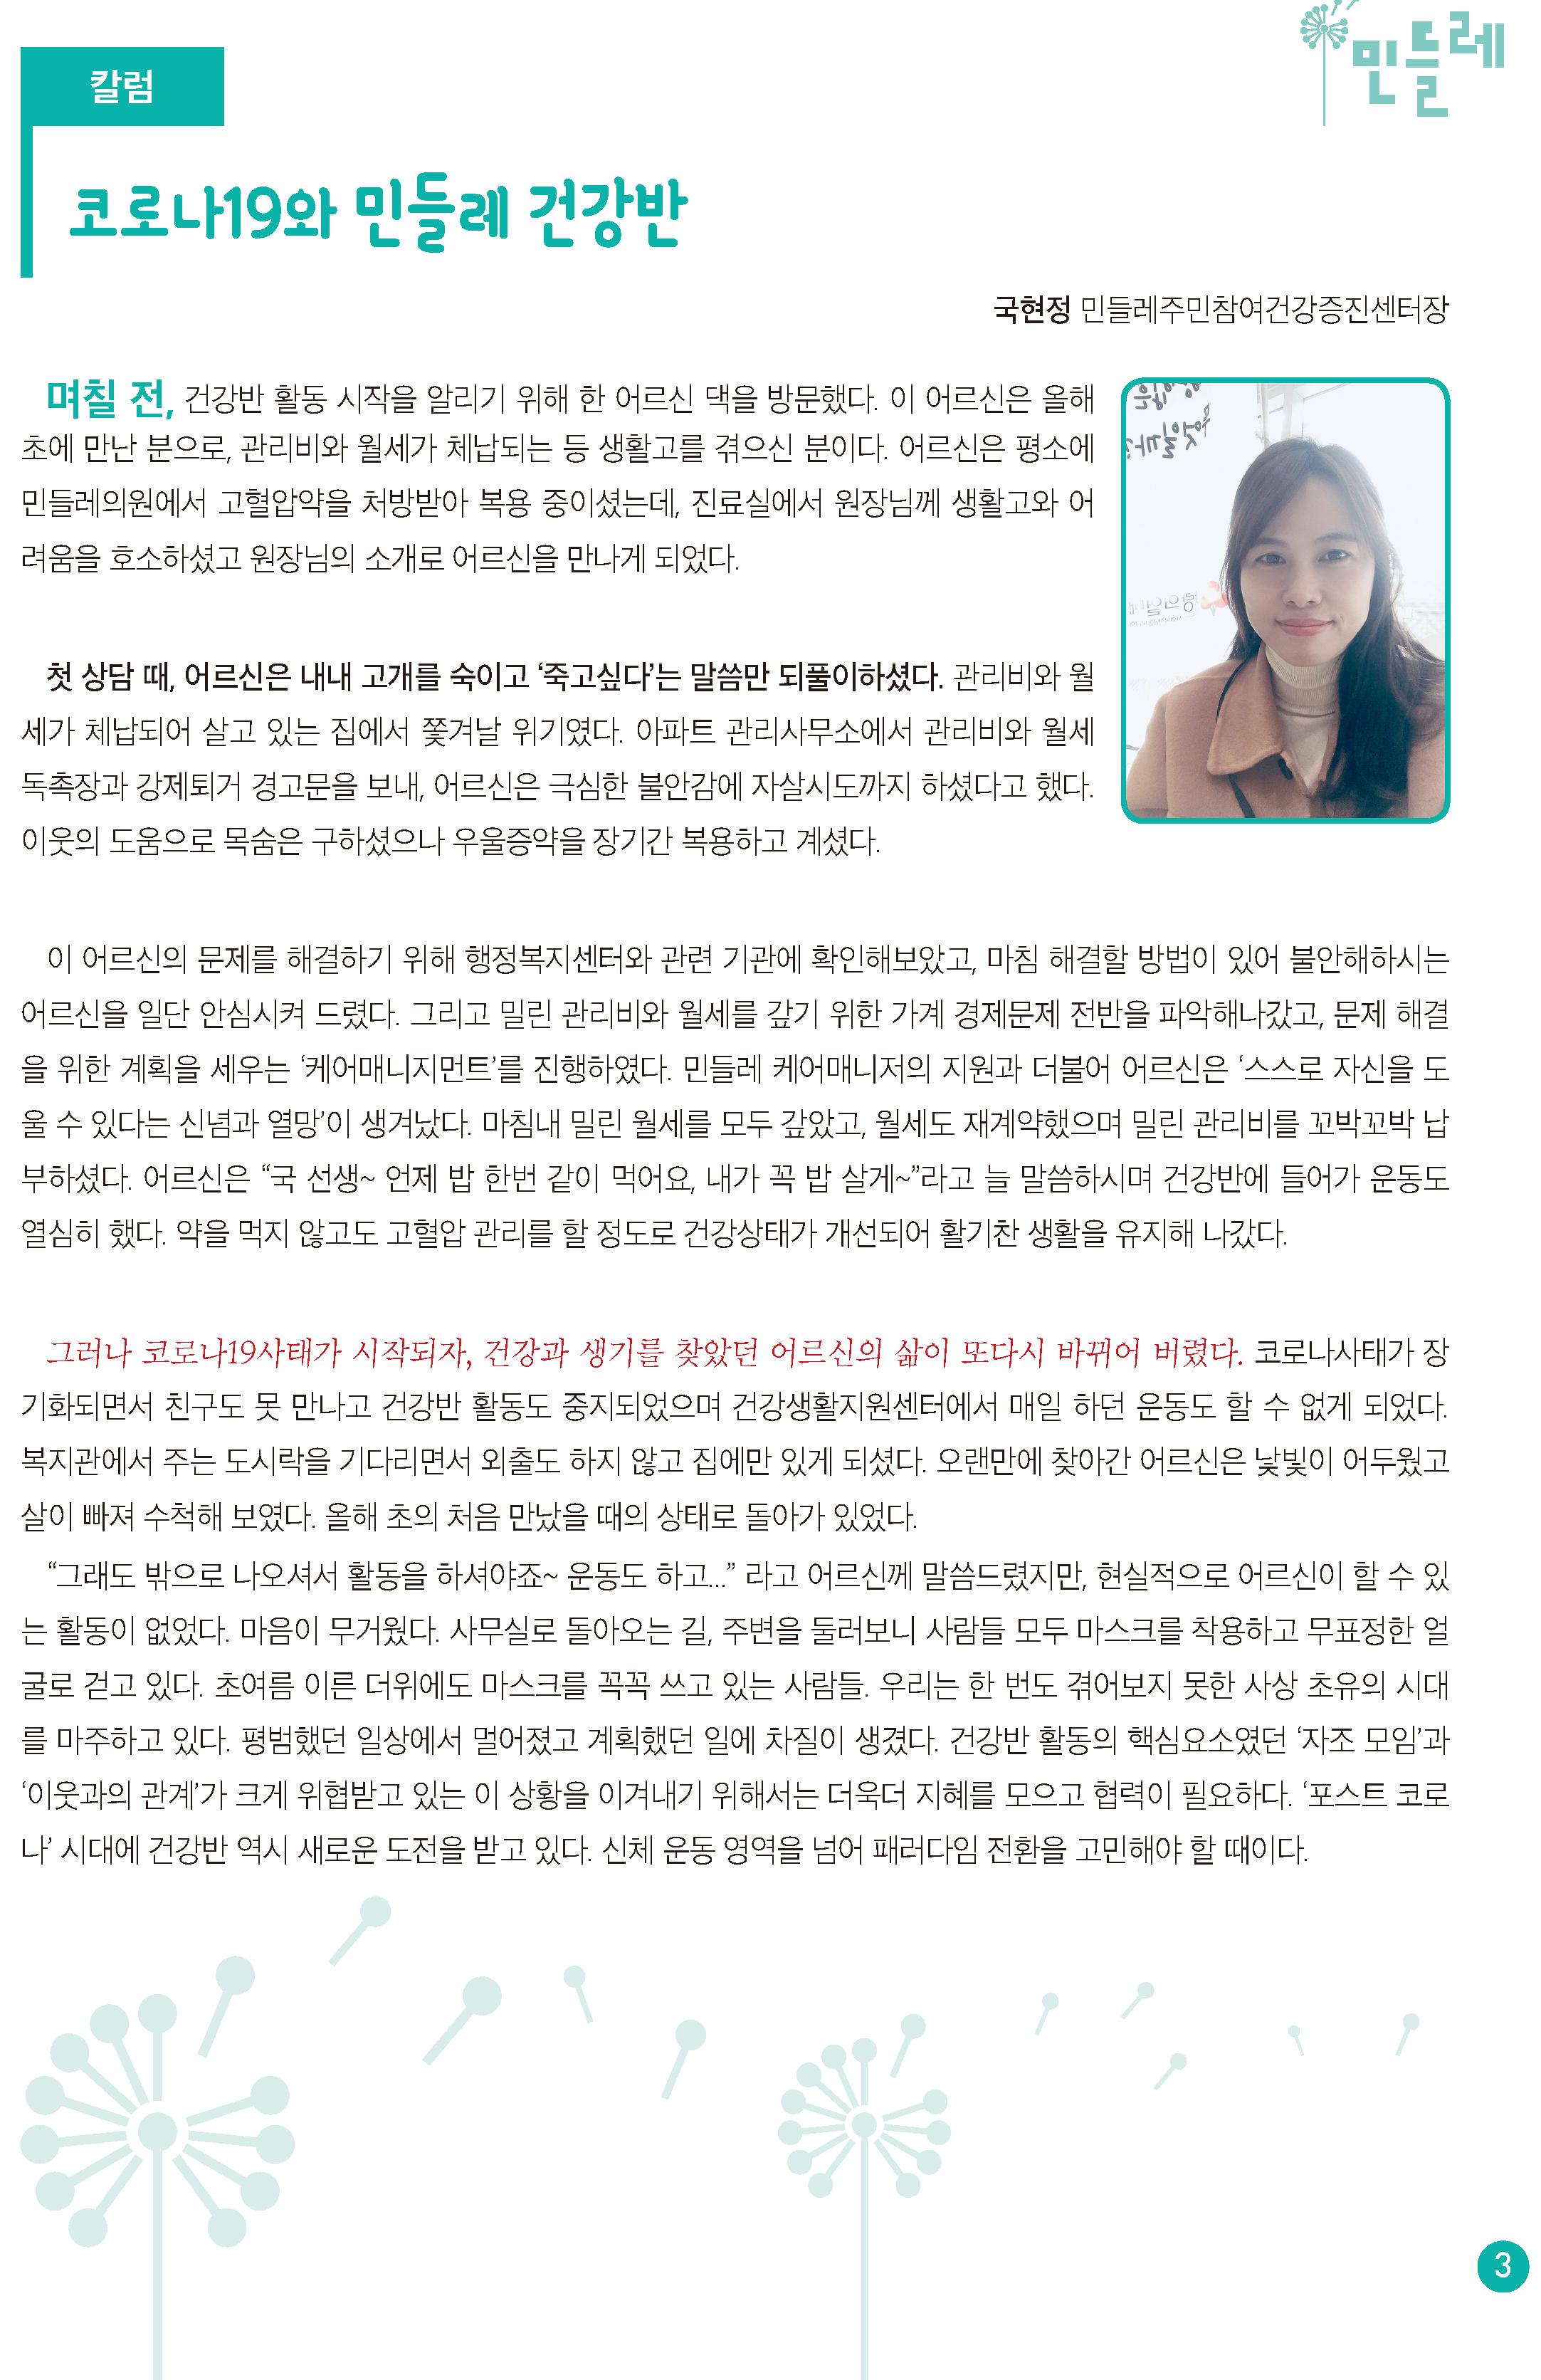 민들레 소식지8월호 시안(최종)-3.jpg